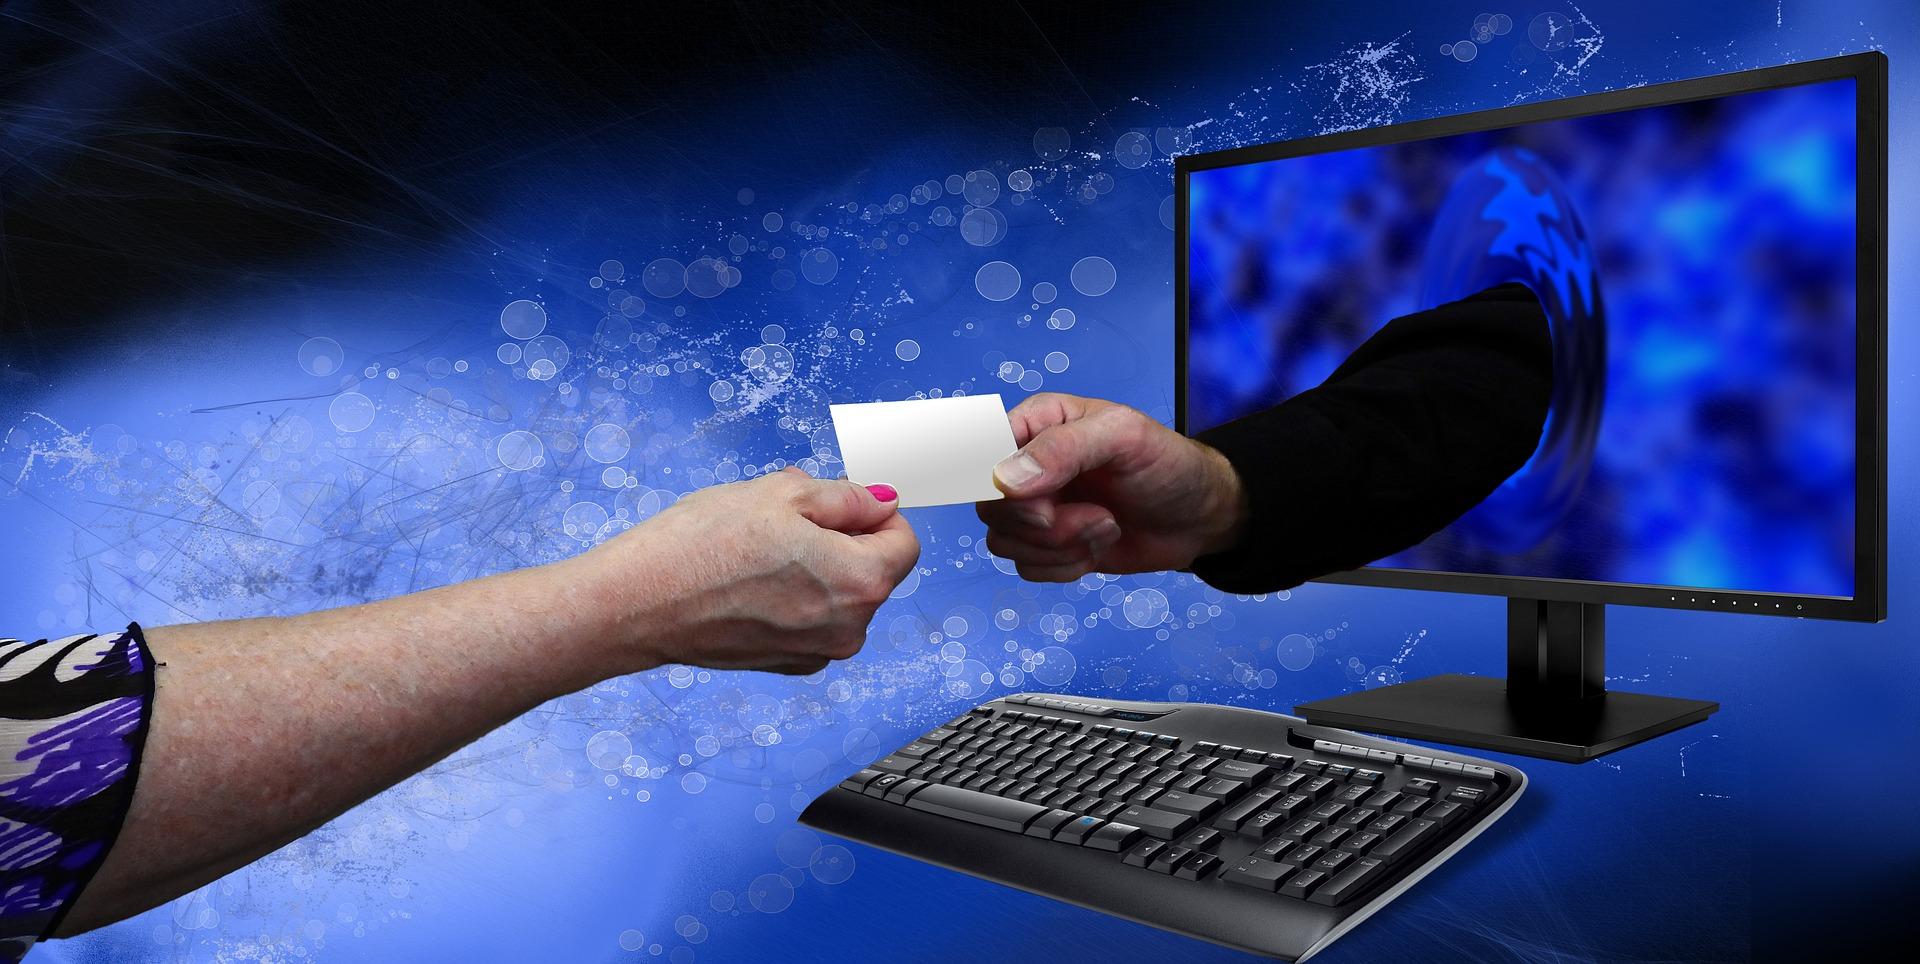 לקונה המתמיד: המדריך לרכישה משכילה באינטרנט